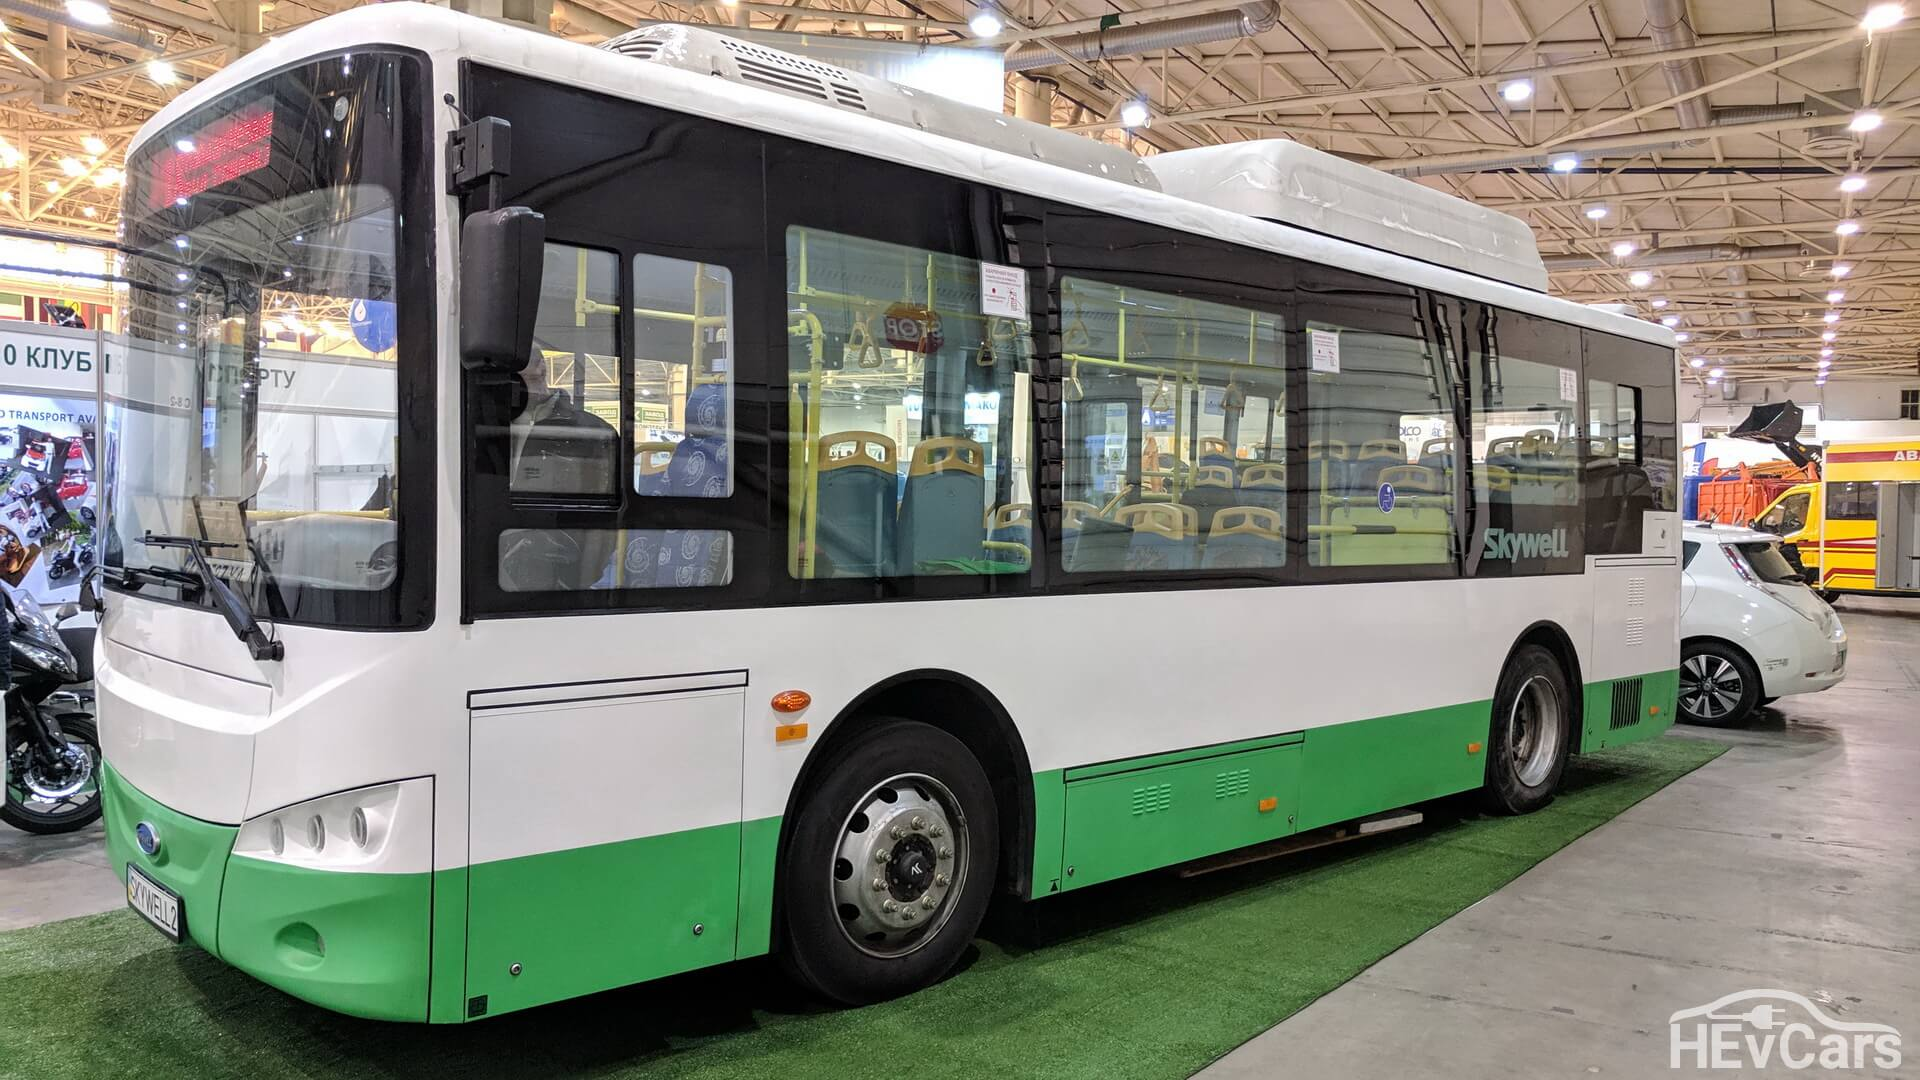 Электрический автобус Skywell